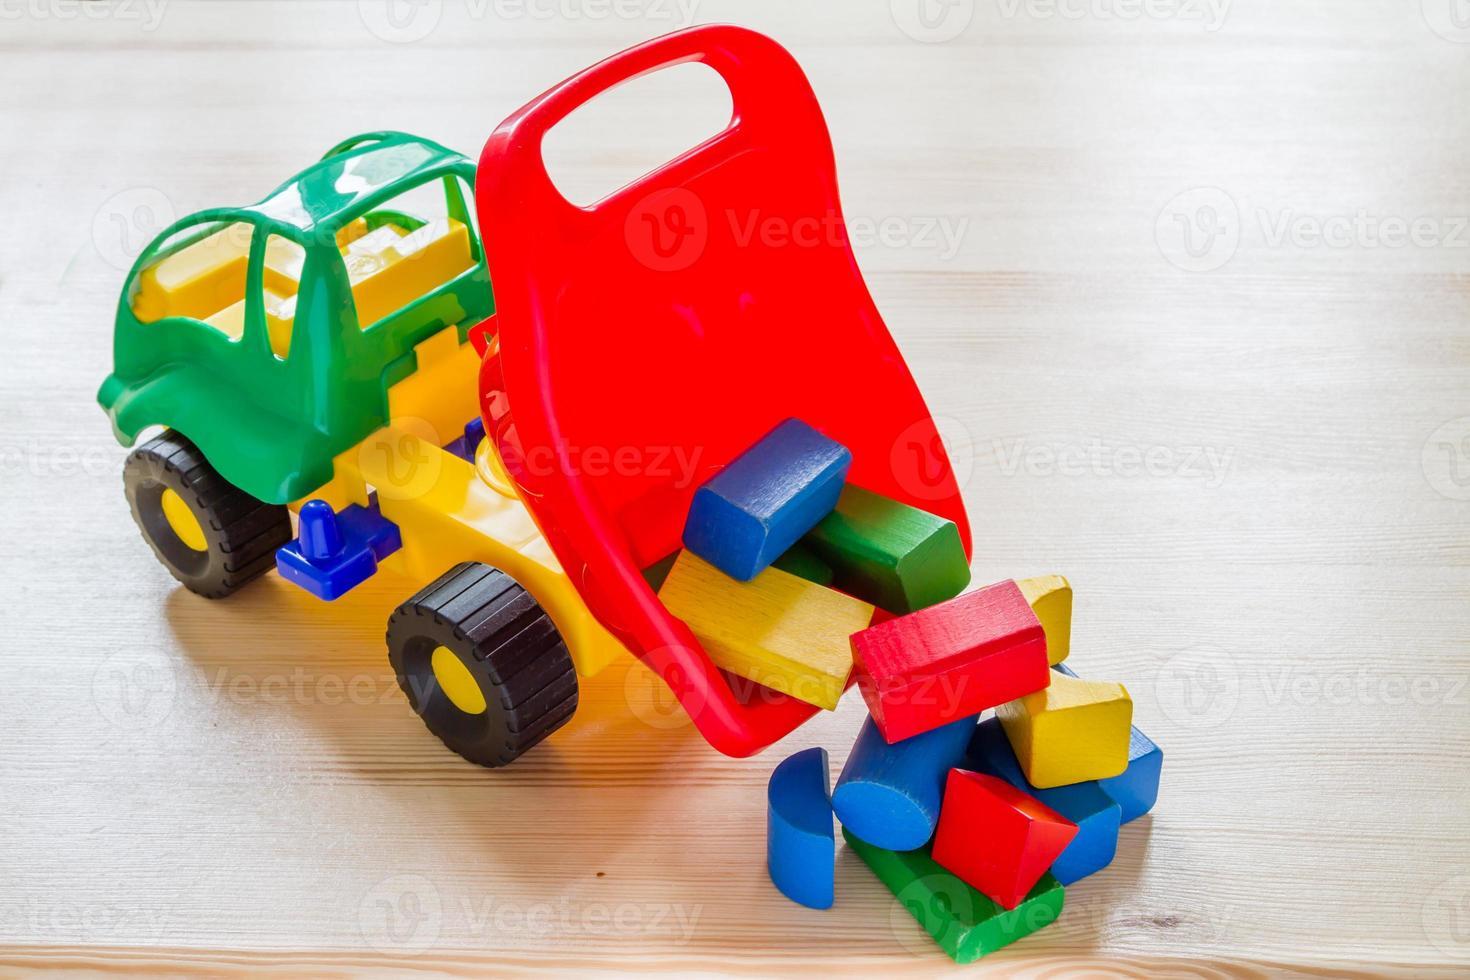 tijolos de despejo de caminhão de carro de brinquedo, fundo de madeira foto